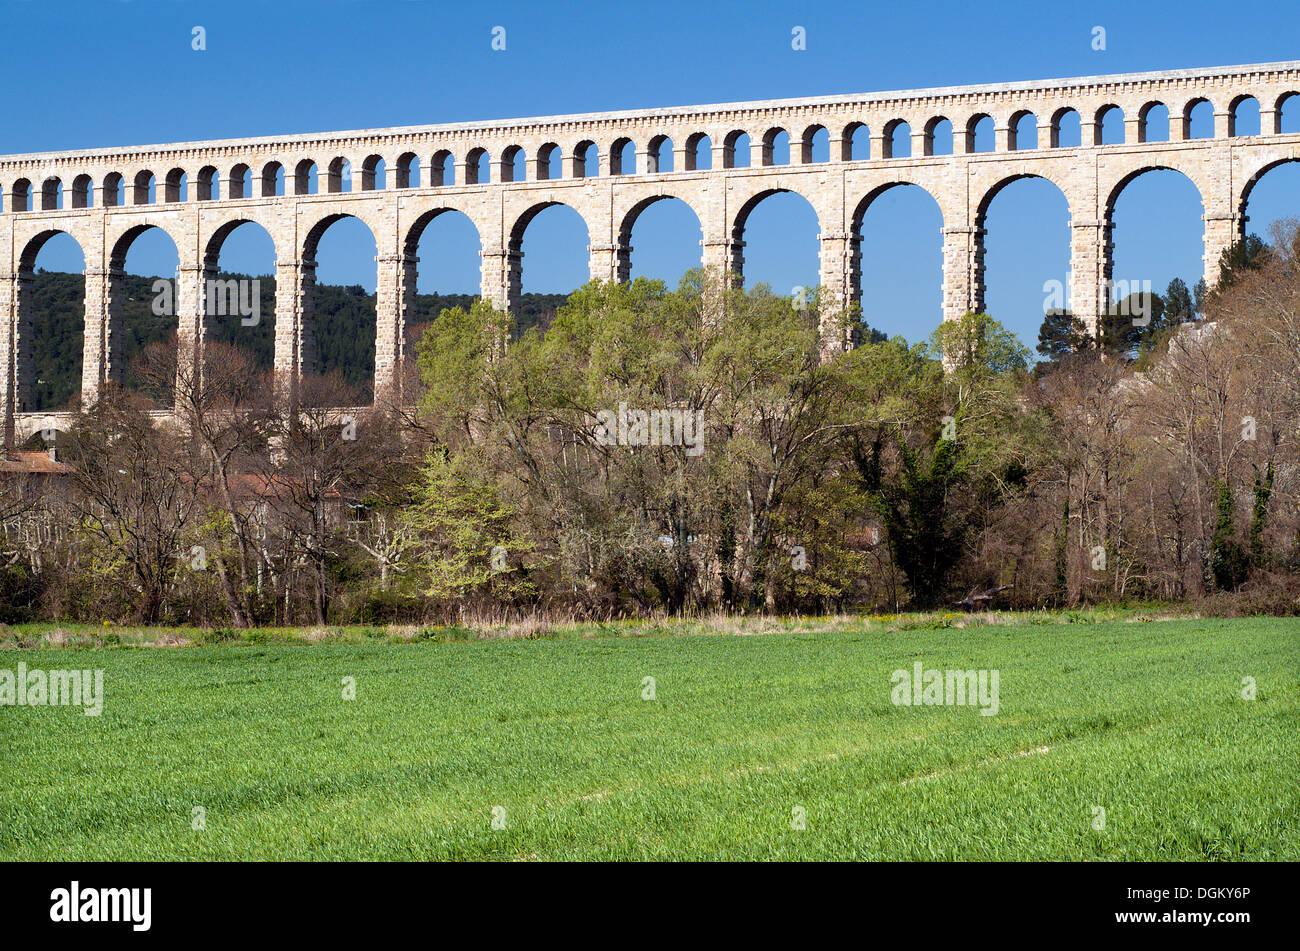 Roquefavour Aqueduct spanning the valley, Ventabren, department Bouches-du-Rhône, Provence, Provence-Alpes-Côte d'Azur - Stock Image